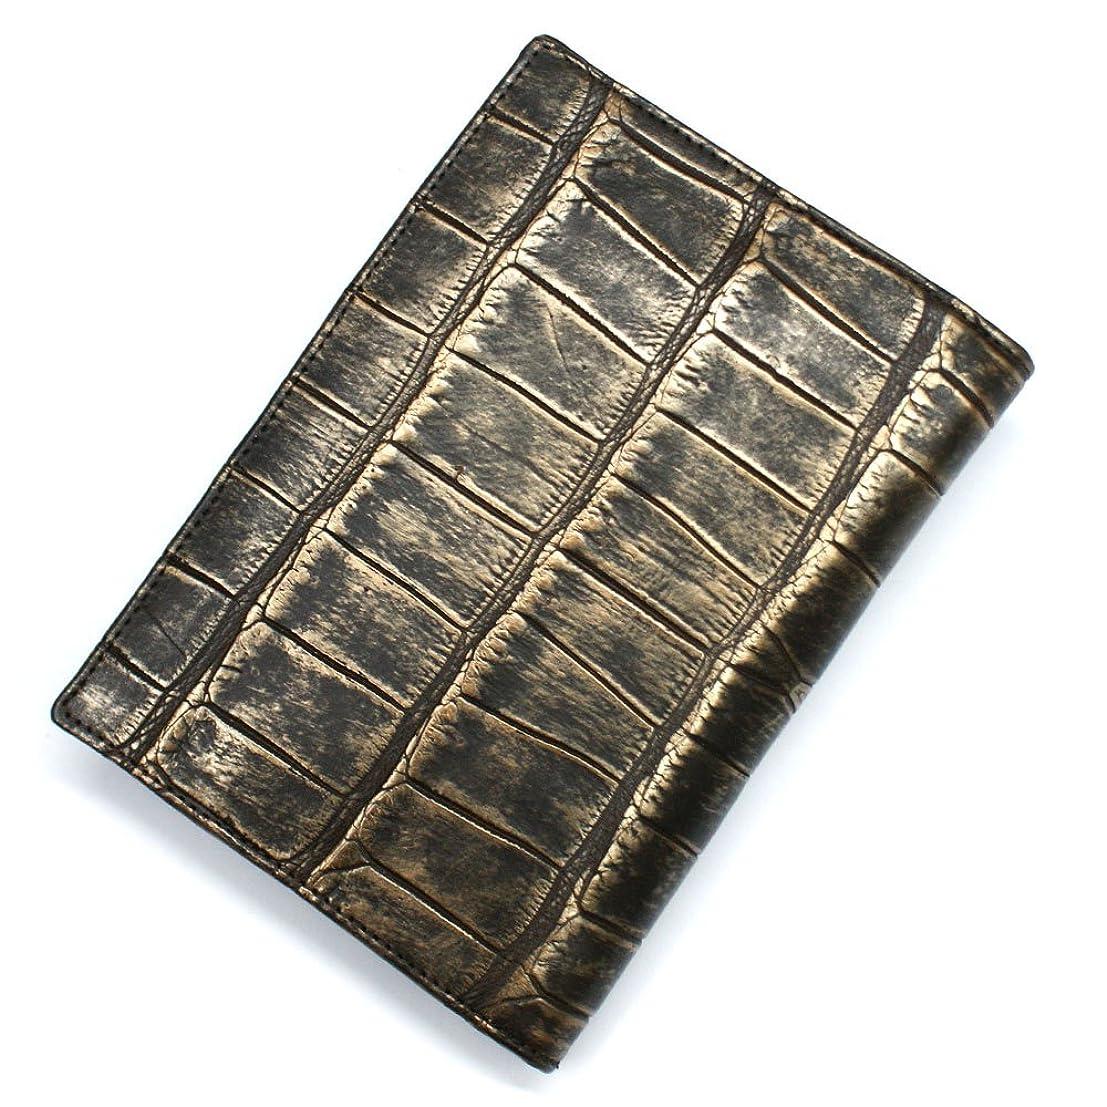 トレーダーダルセット副詞CRLG1165 クロコダイル革 ワニ革 二つ折り カード入れ カードホルダー カードケース レザー 薄型カード入れ 大容量 大量収納 パスポートサイズ L.size ラグジュアリー